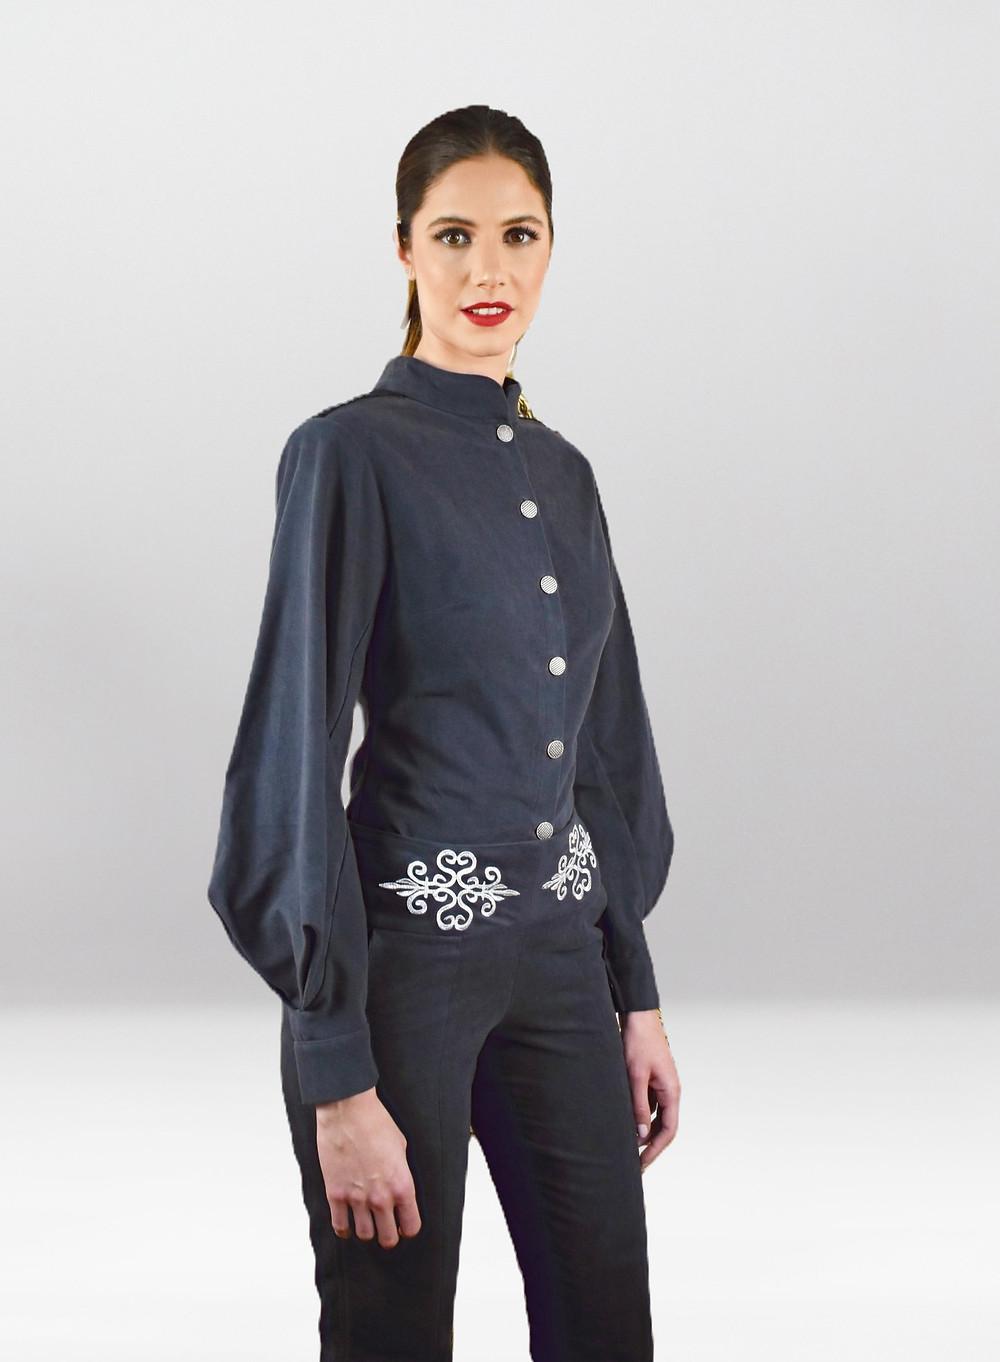 Chemise Thémis et le pantalon Hera crées par HIND Chemise Thémis et le pantalon Hera crées par HIND KROUSSA